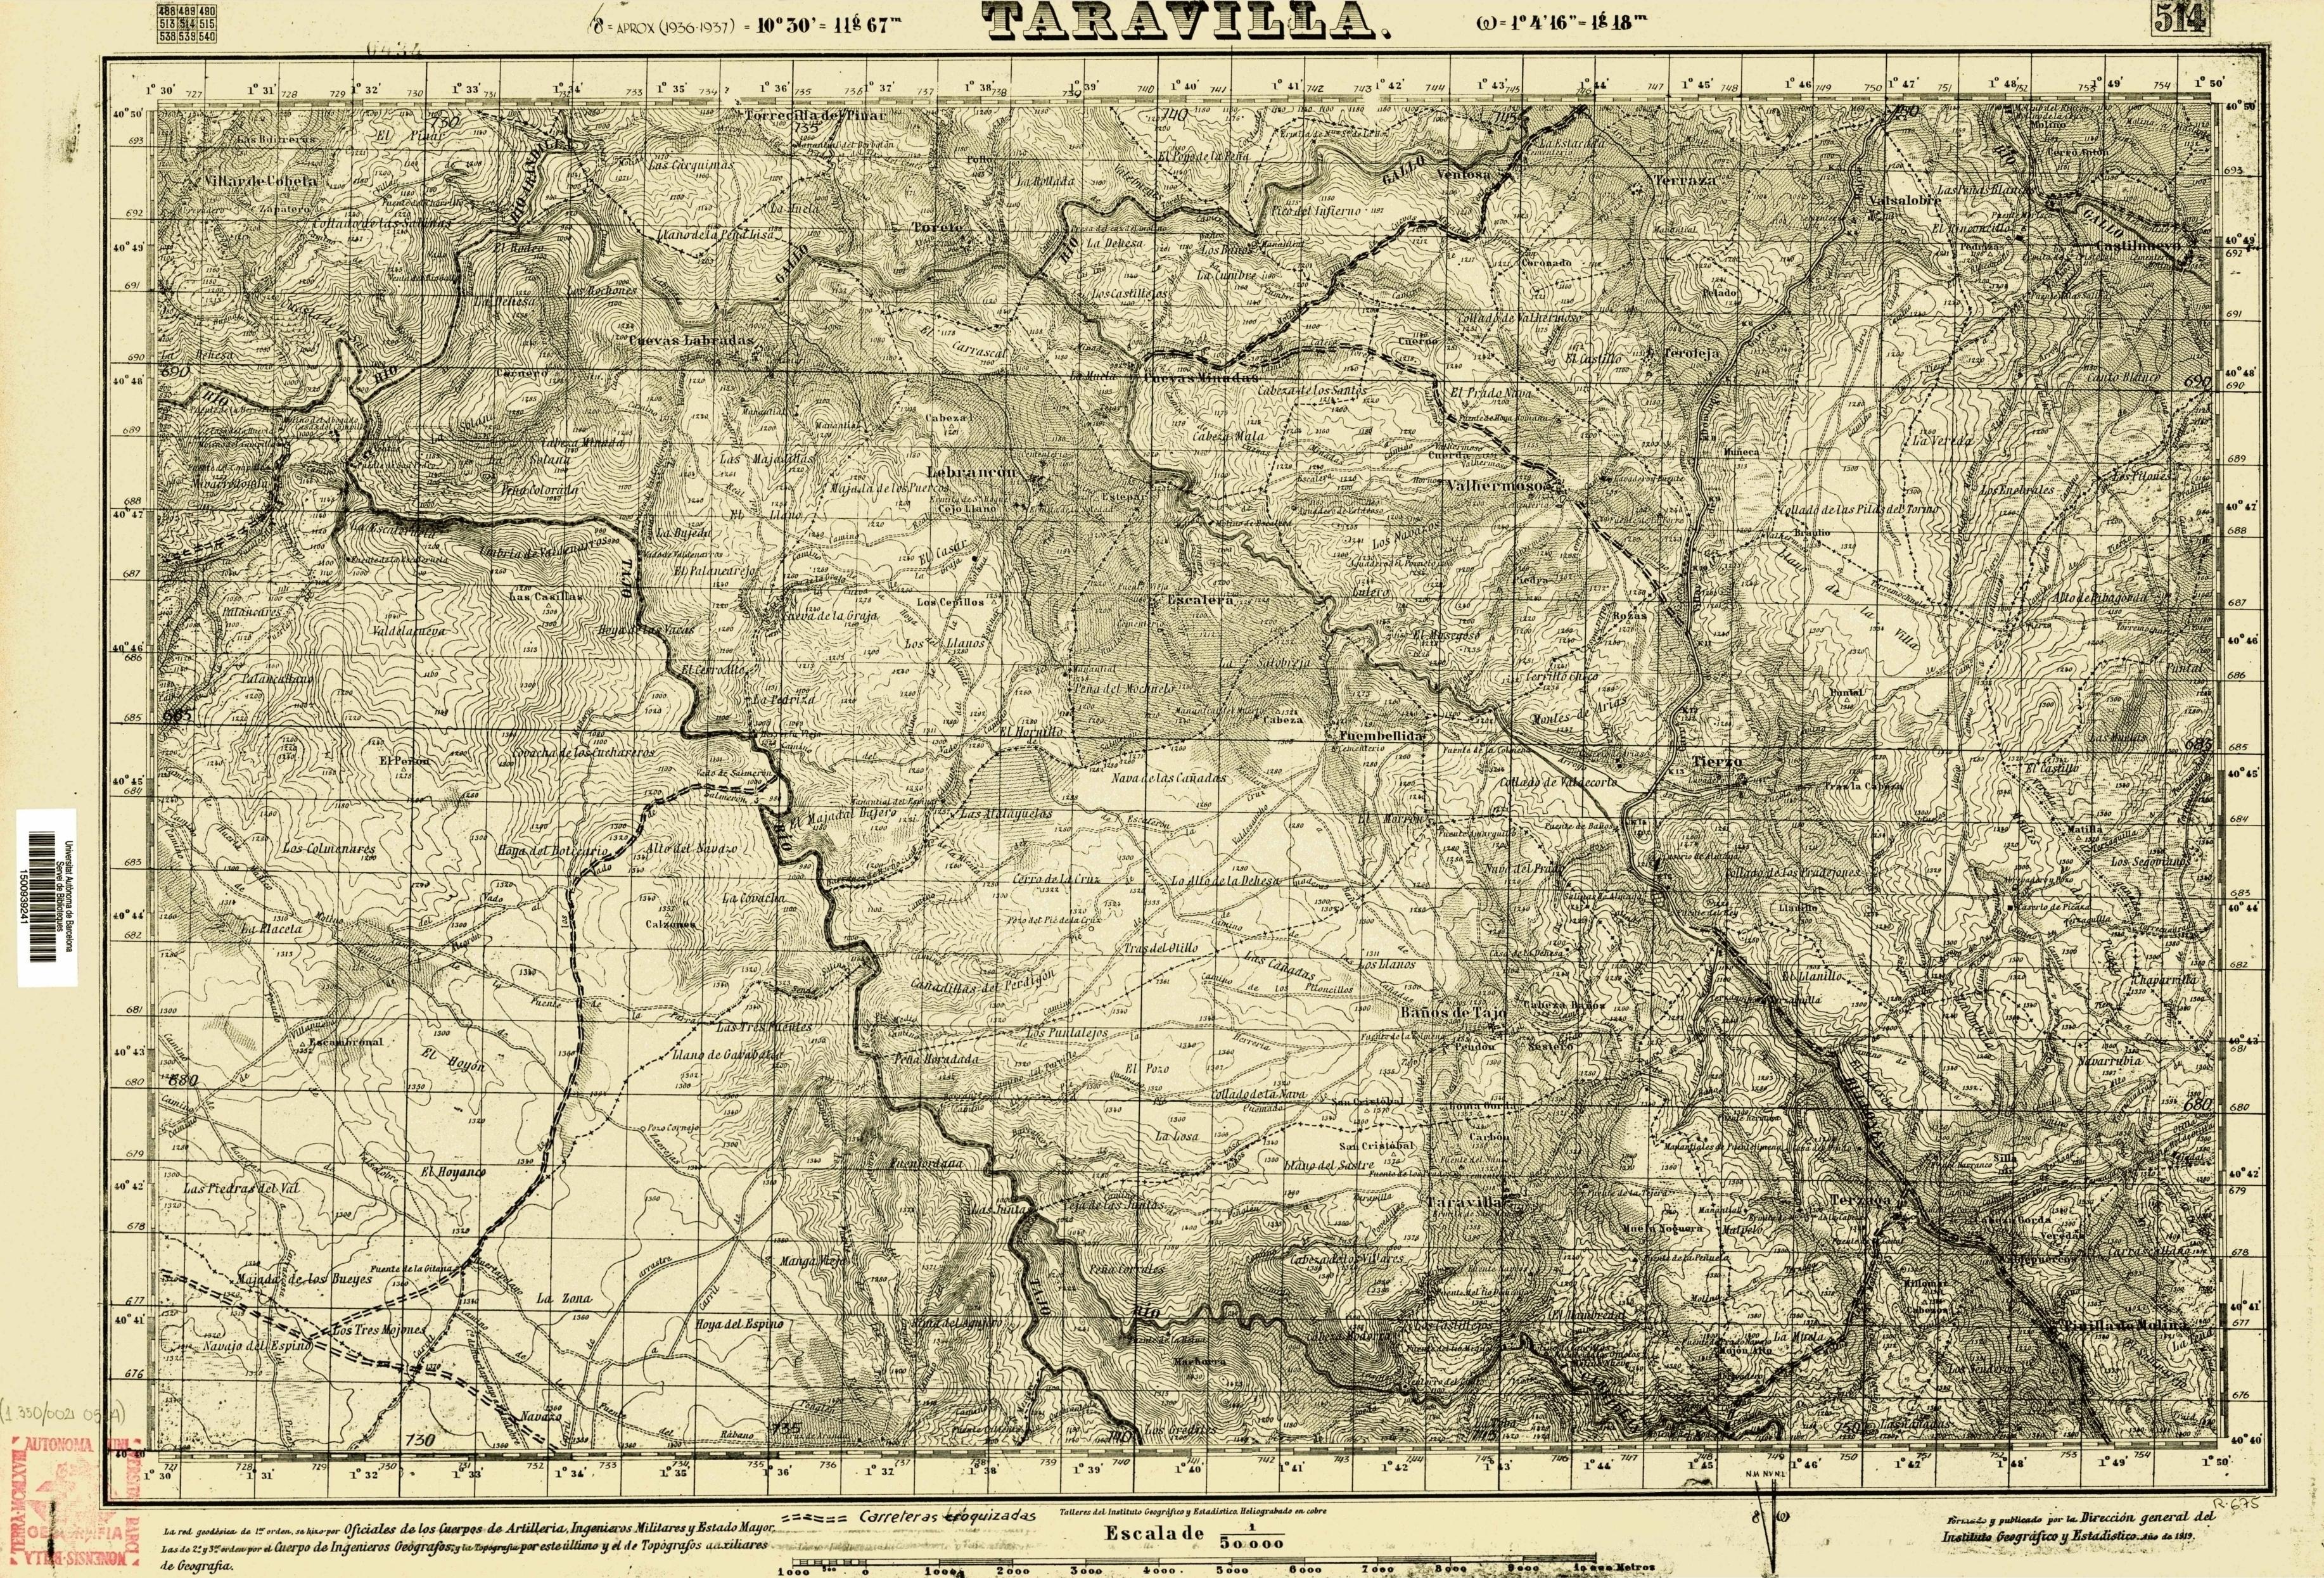 d70d84bd38 Mapa topográfico de España - Resultados de la búsqueda - Depósito ...